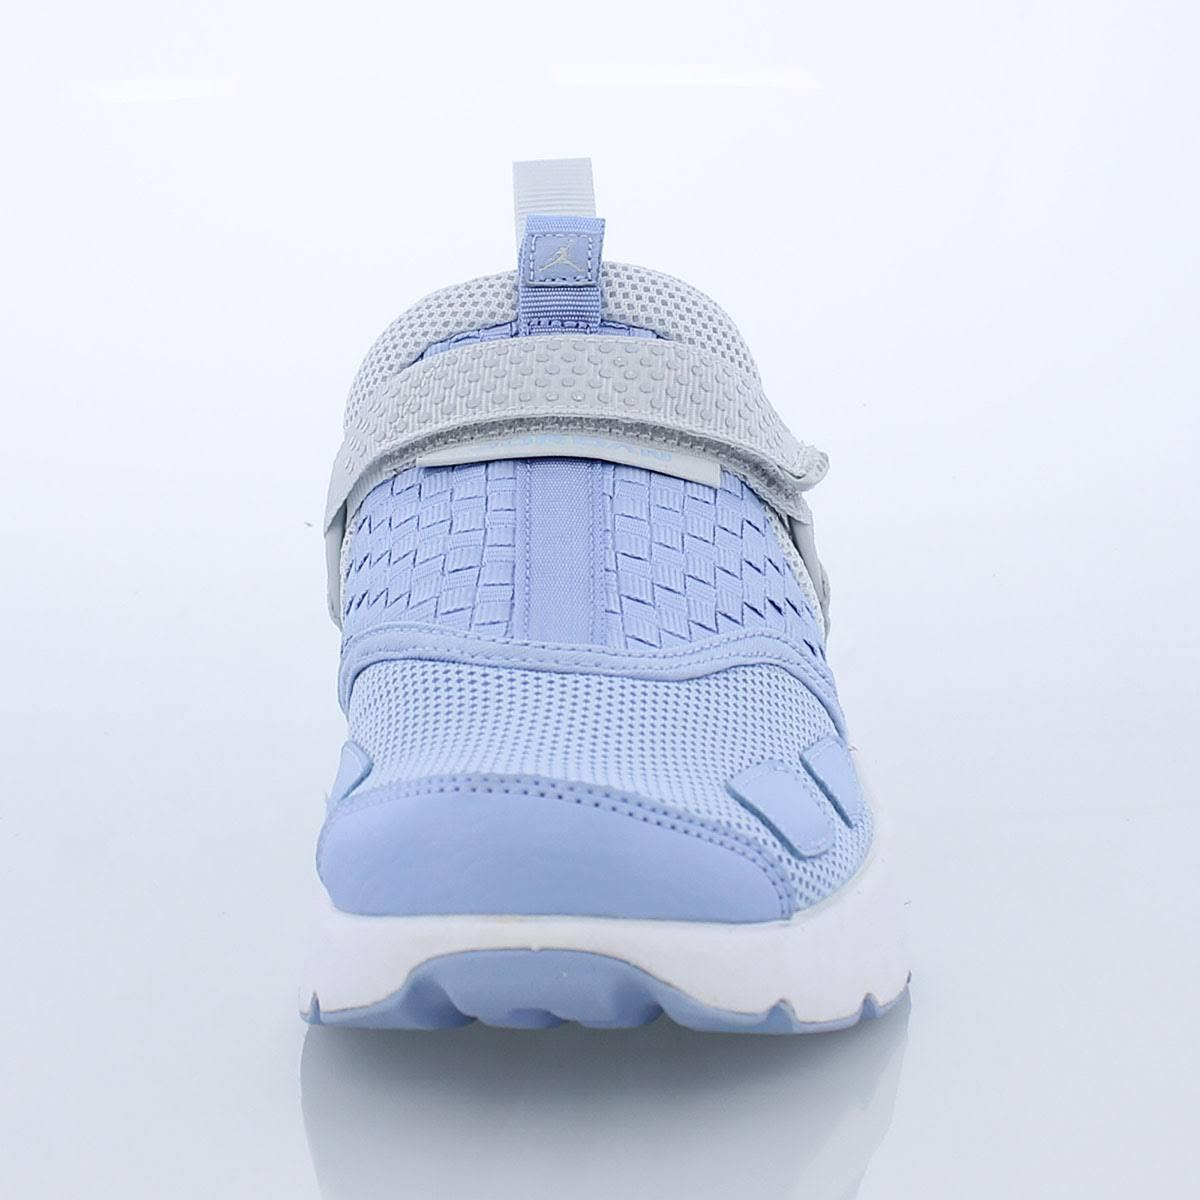 Azul 5y Pure Jordan Platinum Gg Girl's Lx Trunner pwwC0Yq